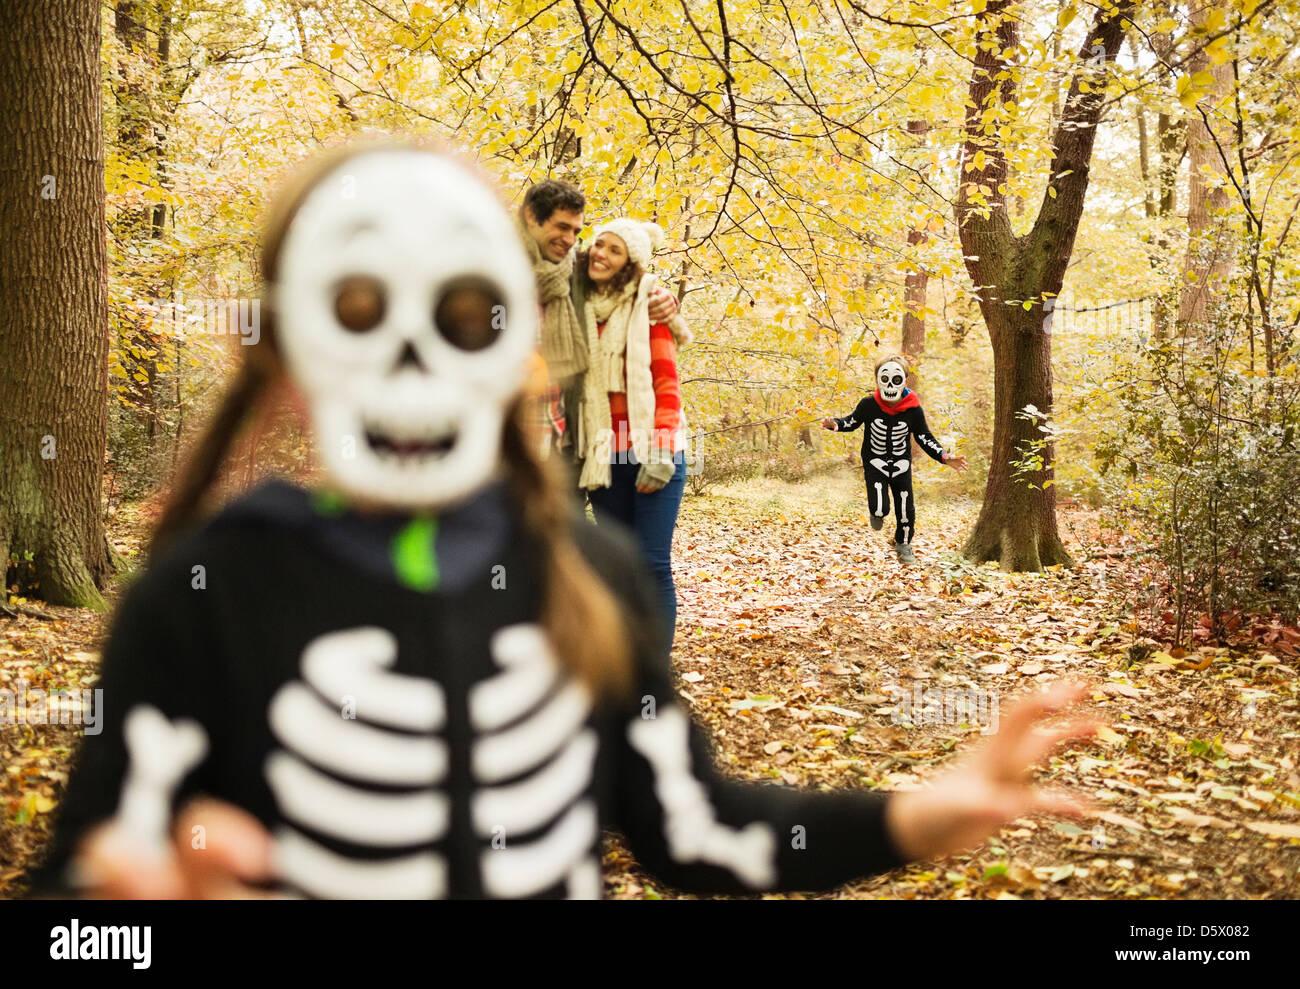 Les enfants en costumes squelette playing in park Photo Stock